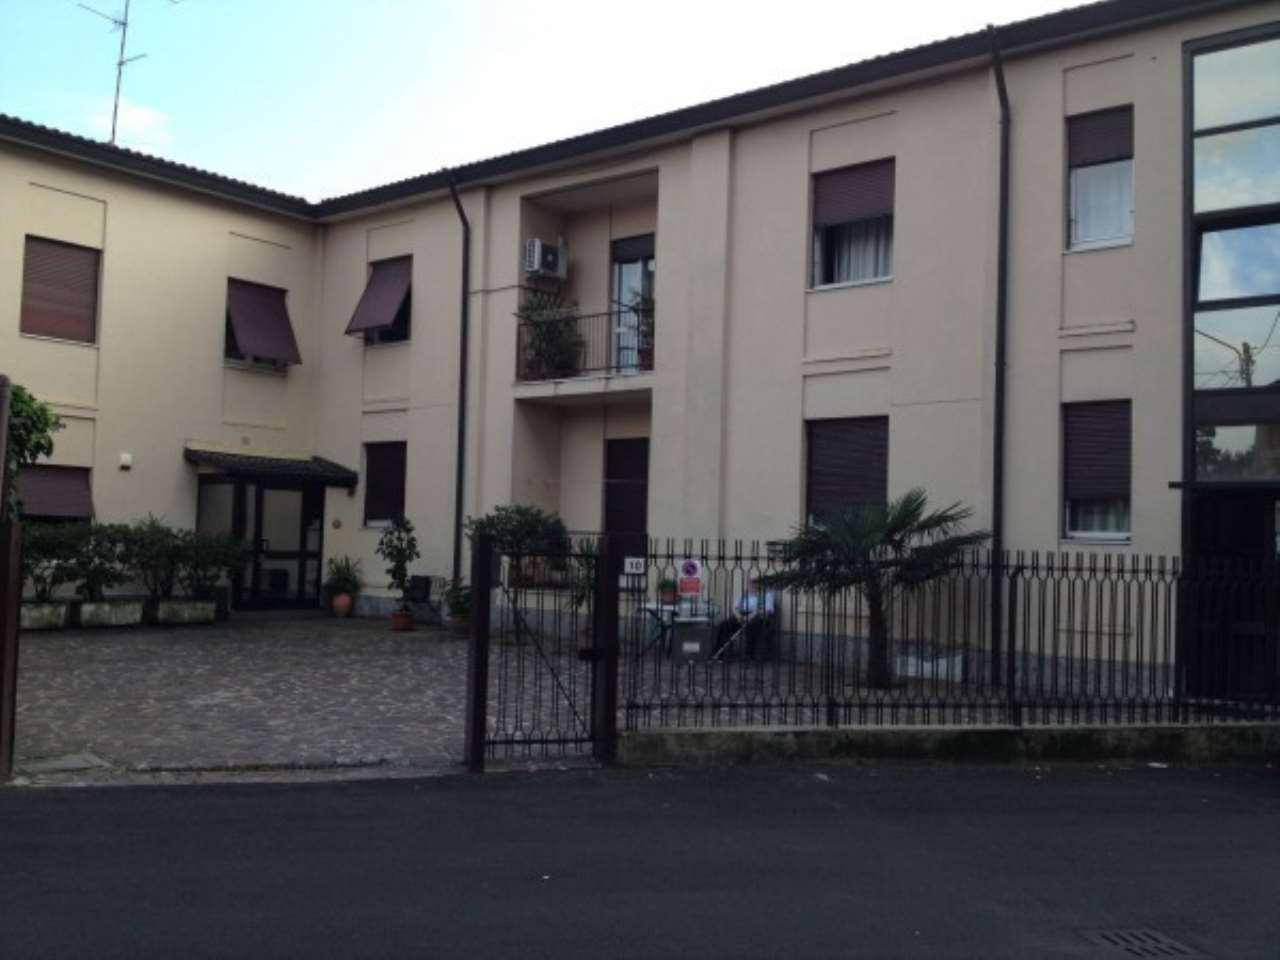 Appartamento in vendita a Concorezzo, 3 locali, prezzo € 220.000 | CambioCasa.it